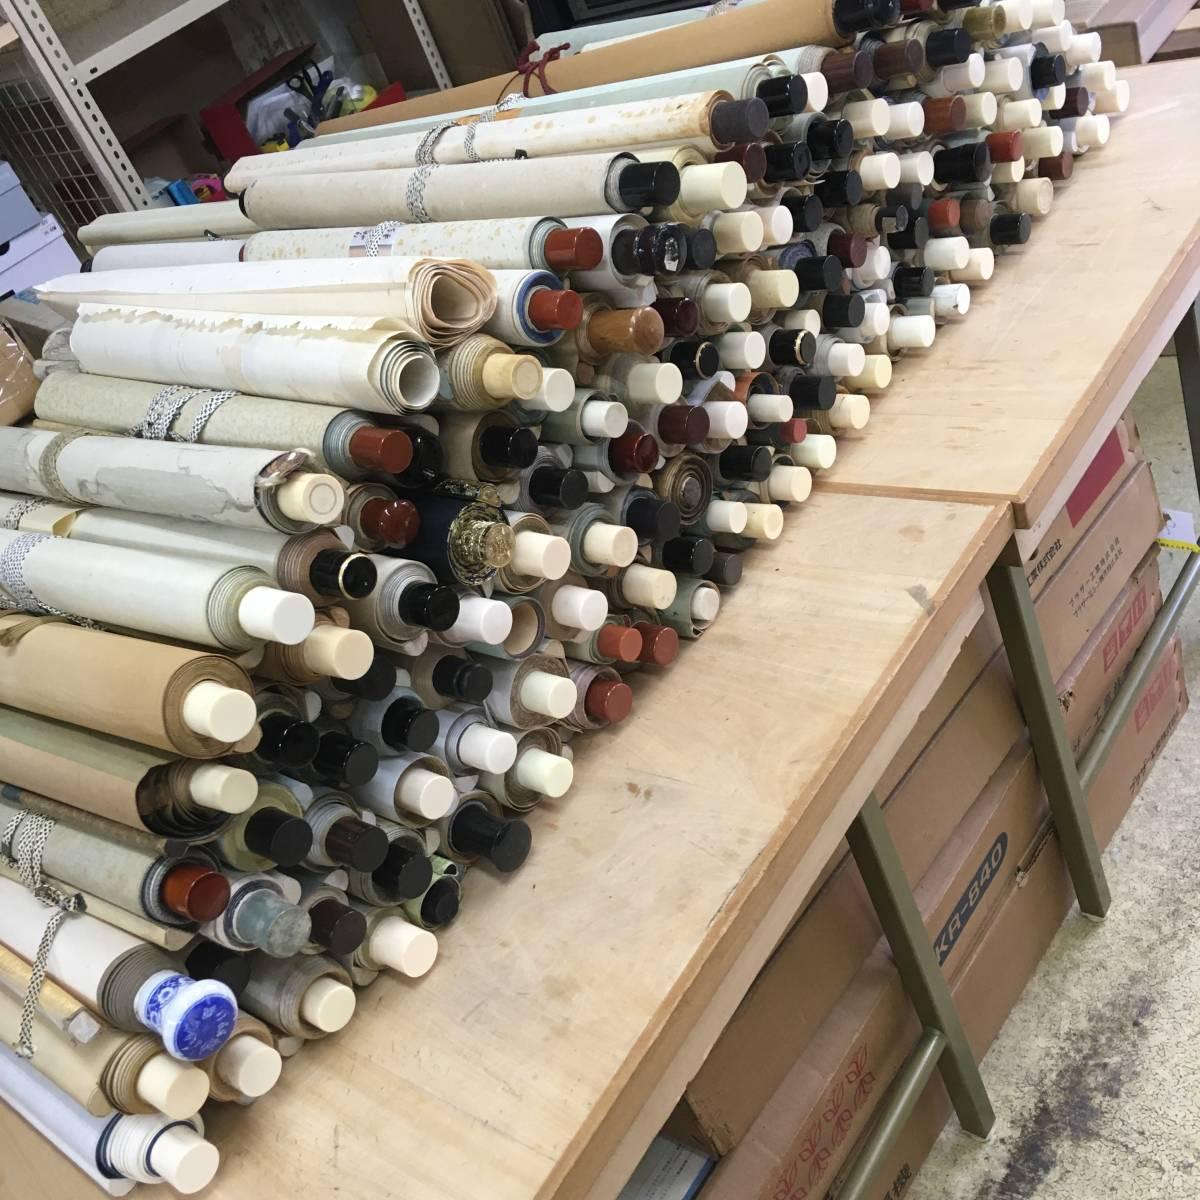 遺品整理などで集めていた掛軸 大量 まとめて 約140本 中国 古書 古画 書 花鳥 仏画 拓本 紙本 絹本 等 №931